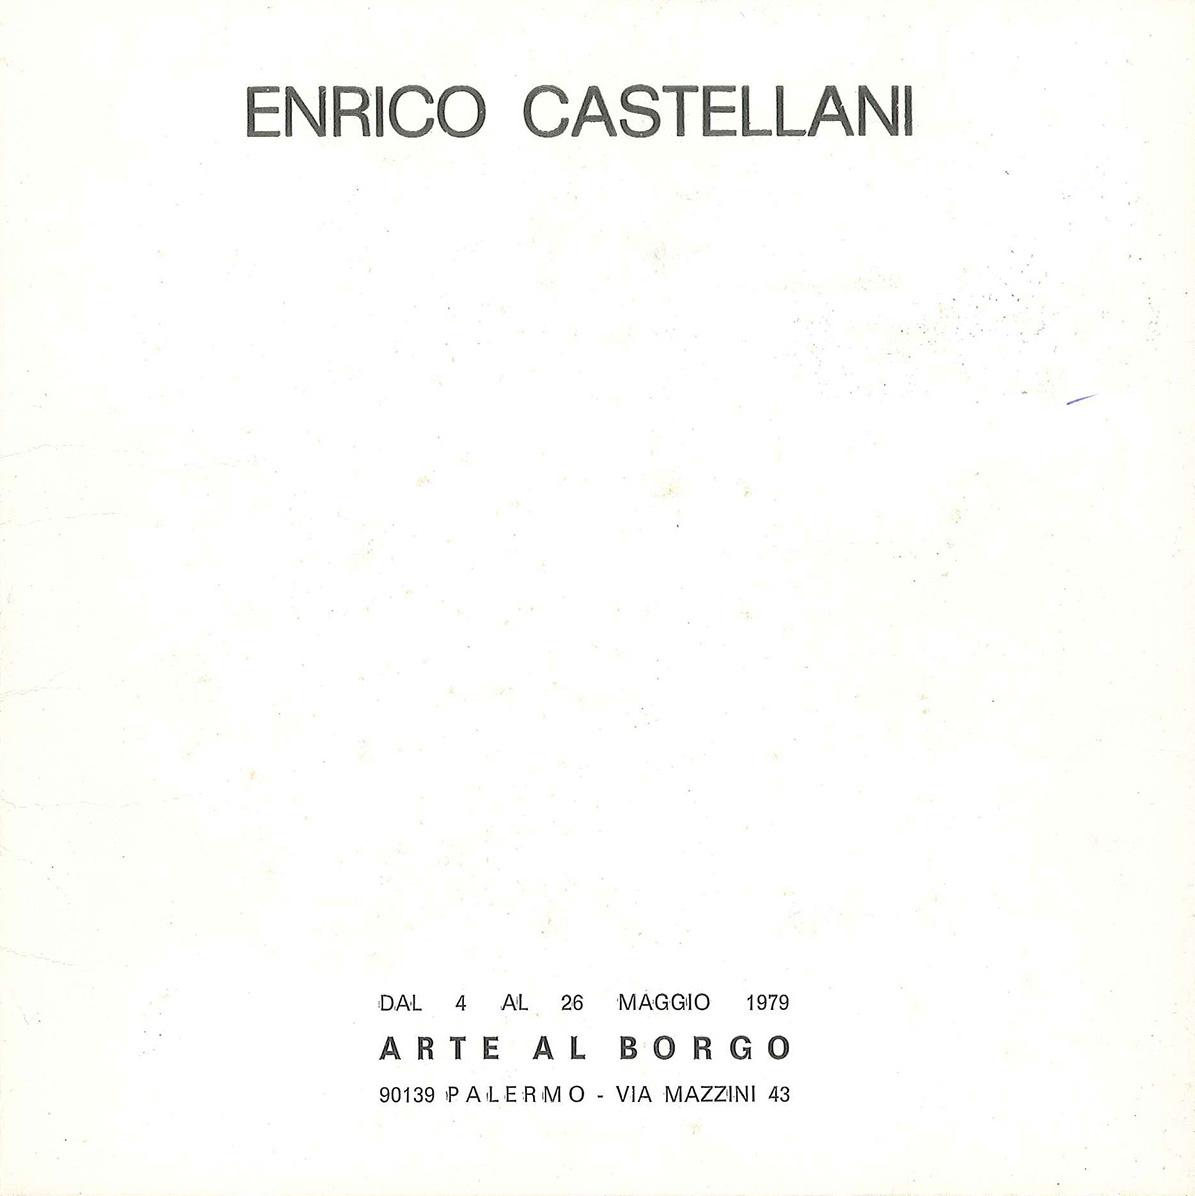 Copertina - Enrico Castellani, Gillo Dorfles, 1979, Arte al Borgo, Palermo